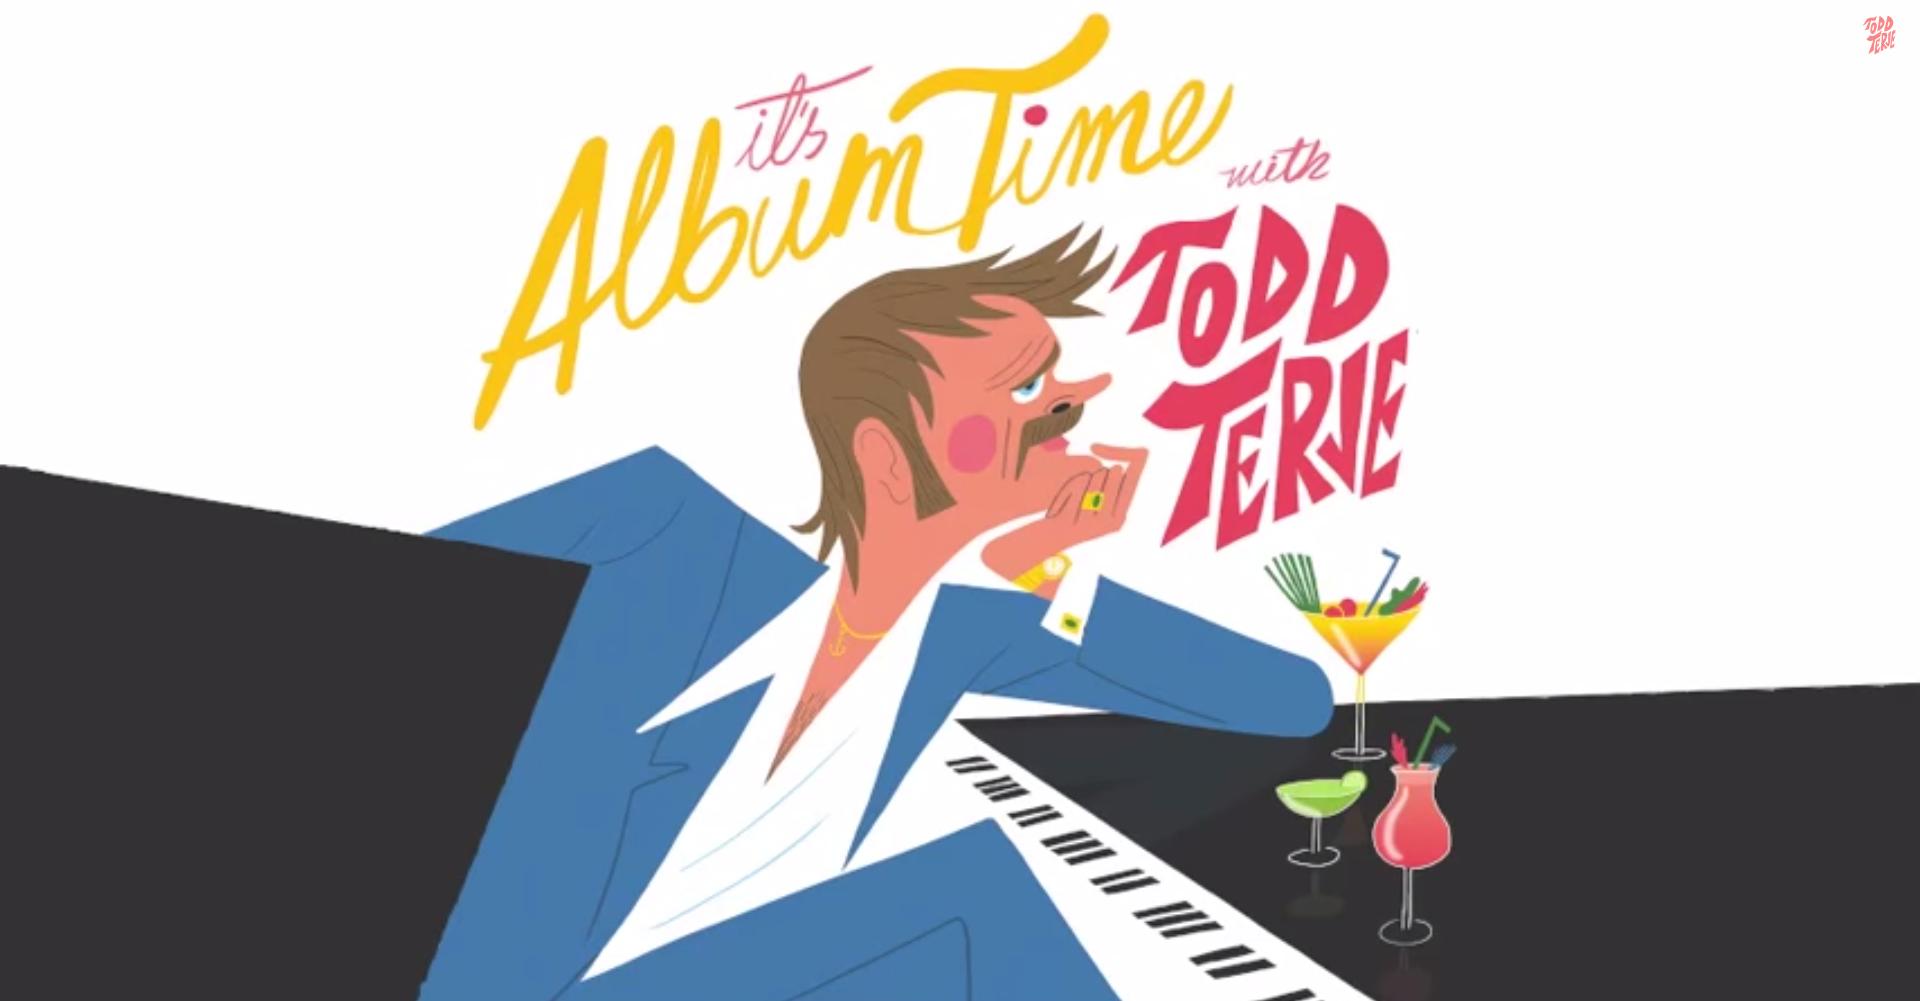 """Recreate Todd Terje's """"Delorean Dynamite"""" in Live with Point Blank's Ski Oakenfull"""